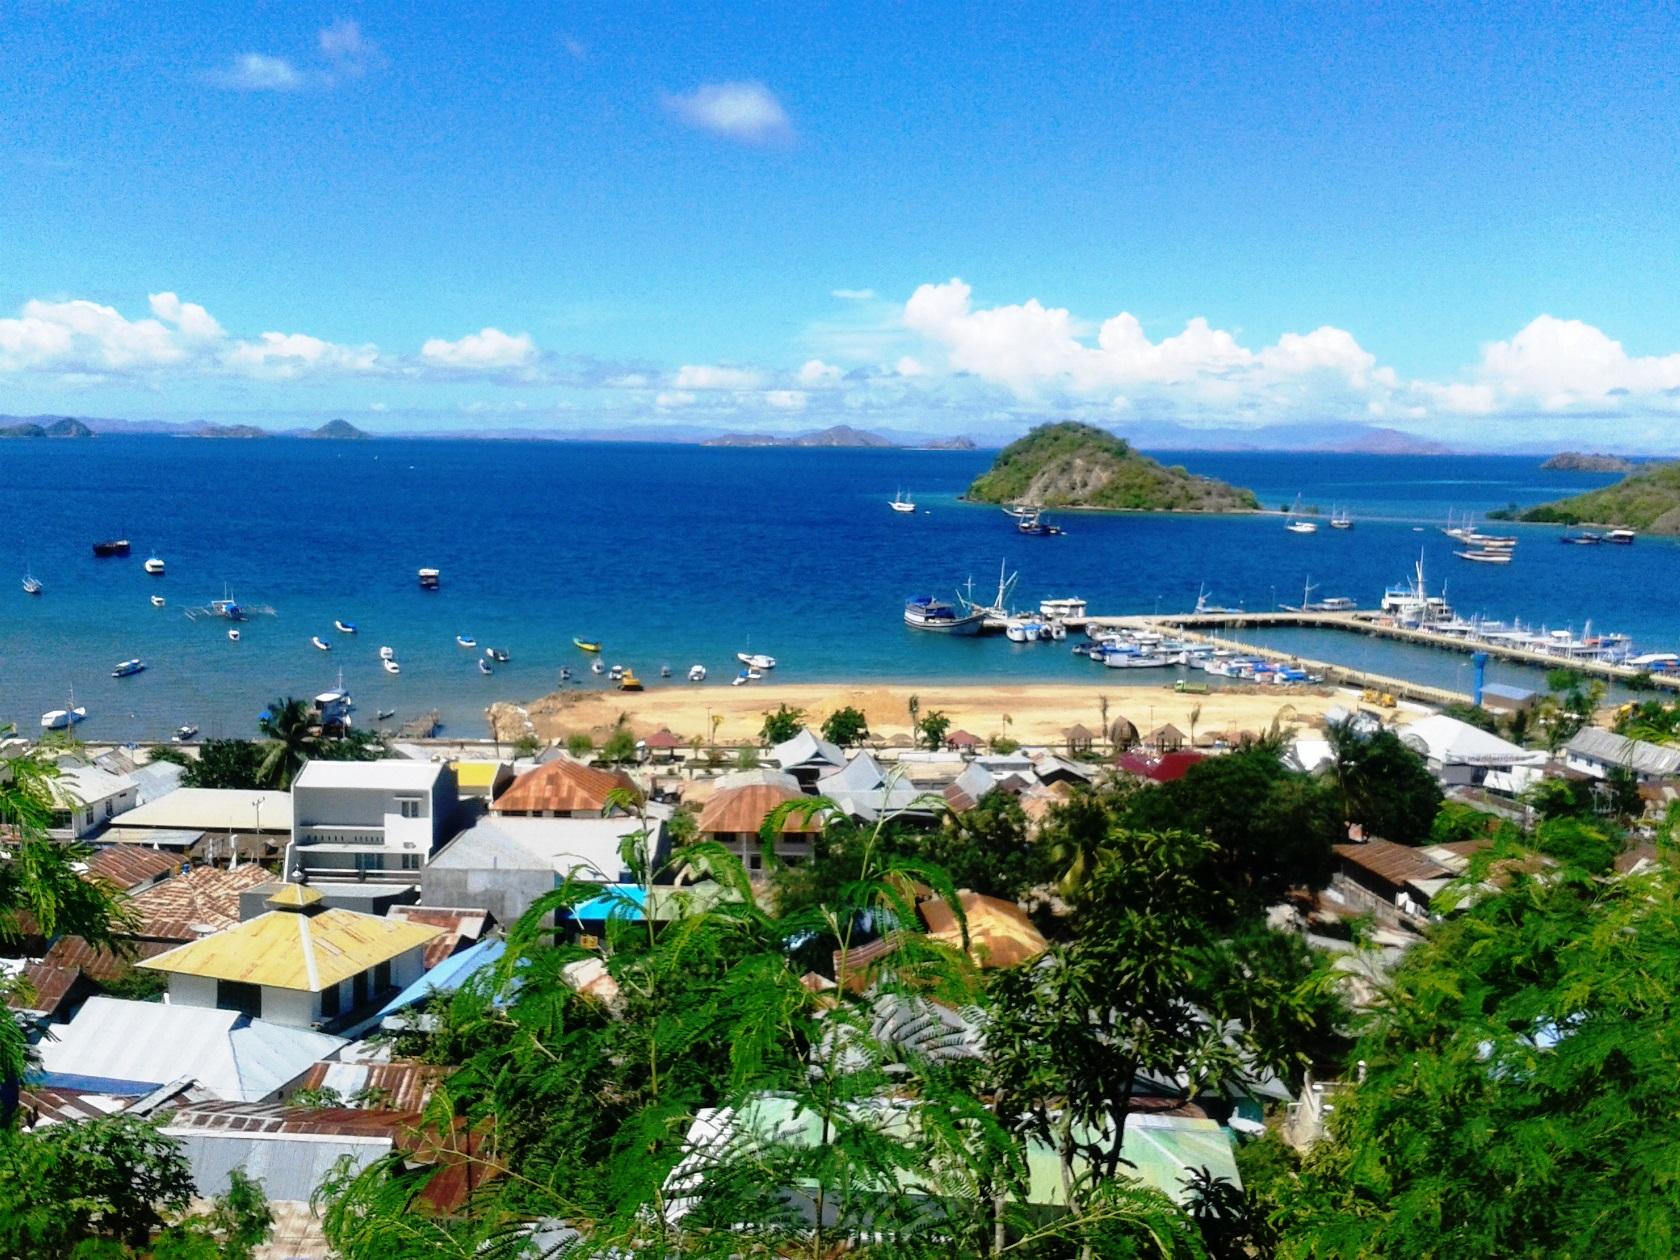 フローレス島の港町ラブアンバジョー